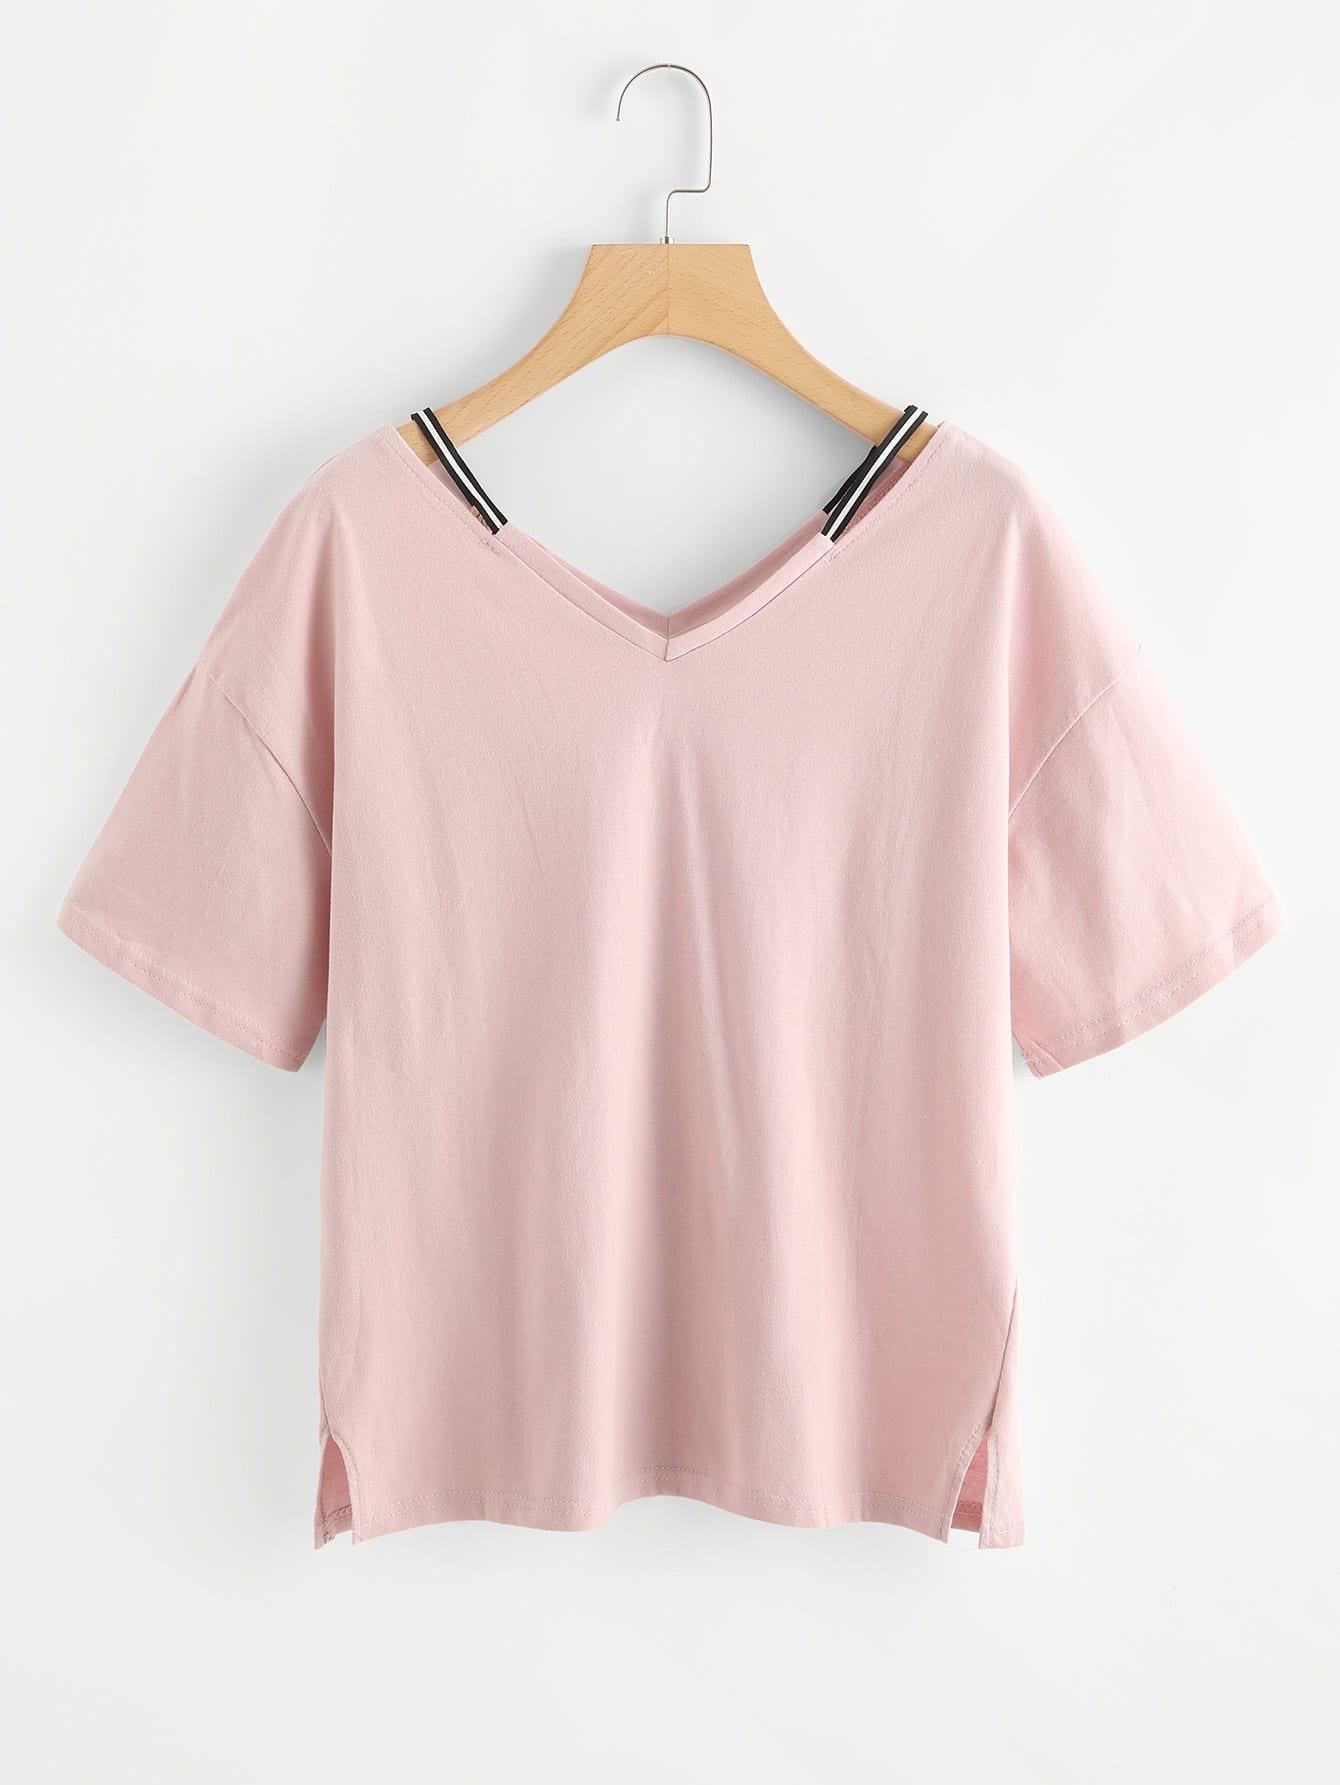 T-Shirt mit Cut Out auf dem Ausschnitt und Schlitz auf den Seiten